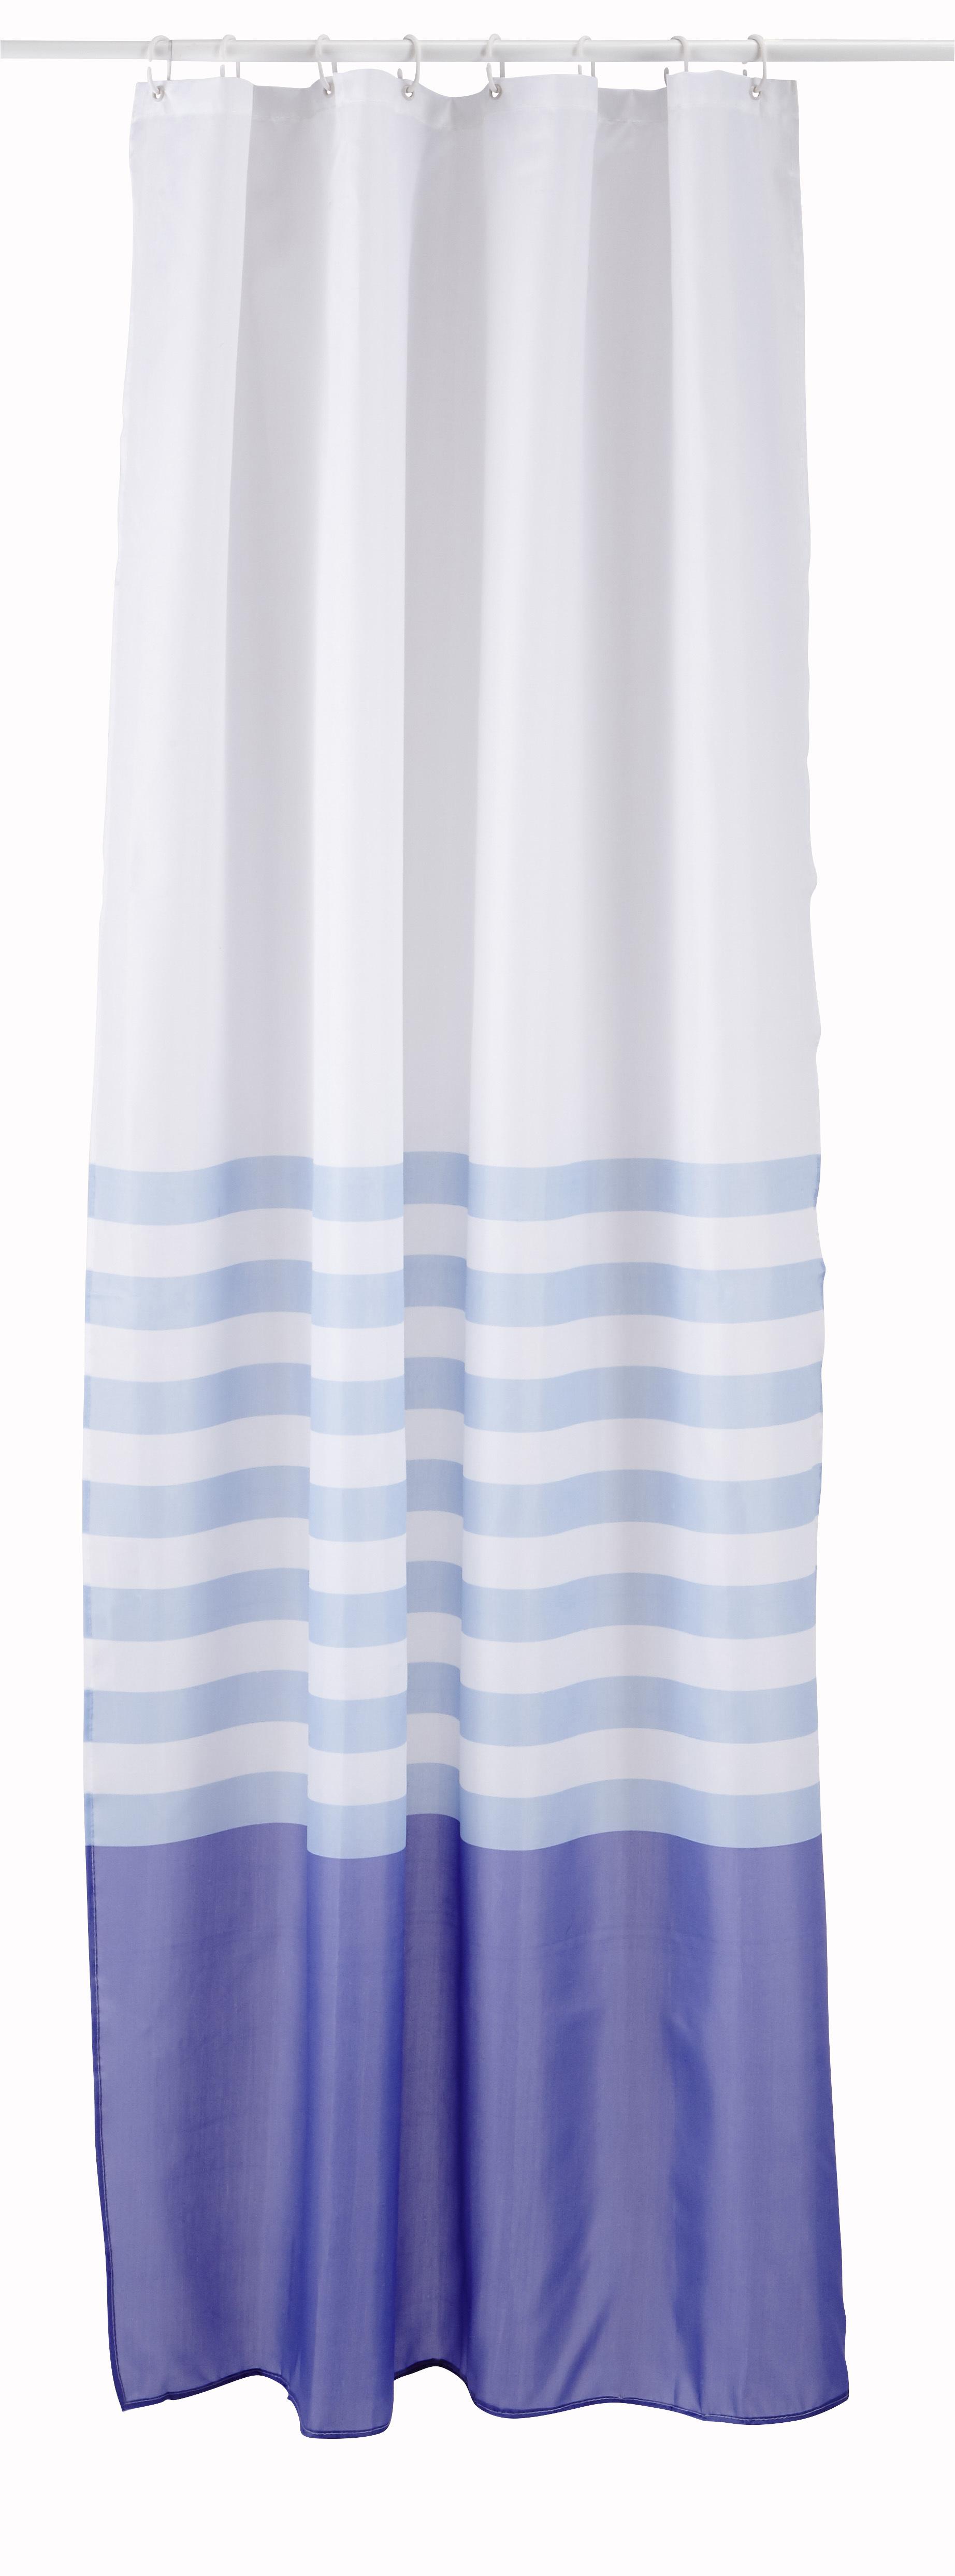 CARREFOUR - Rideau de douche tissu - 120x200 cm - Bleu dégradé ...